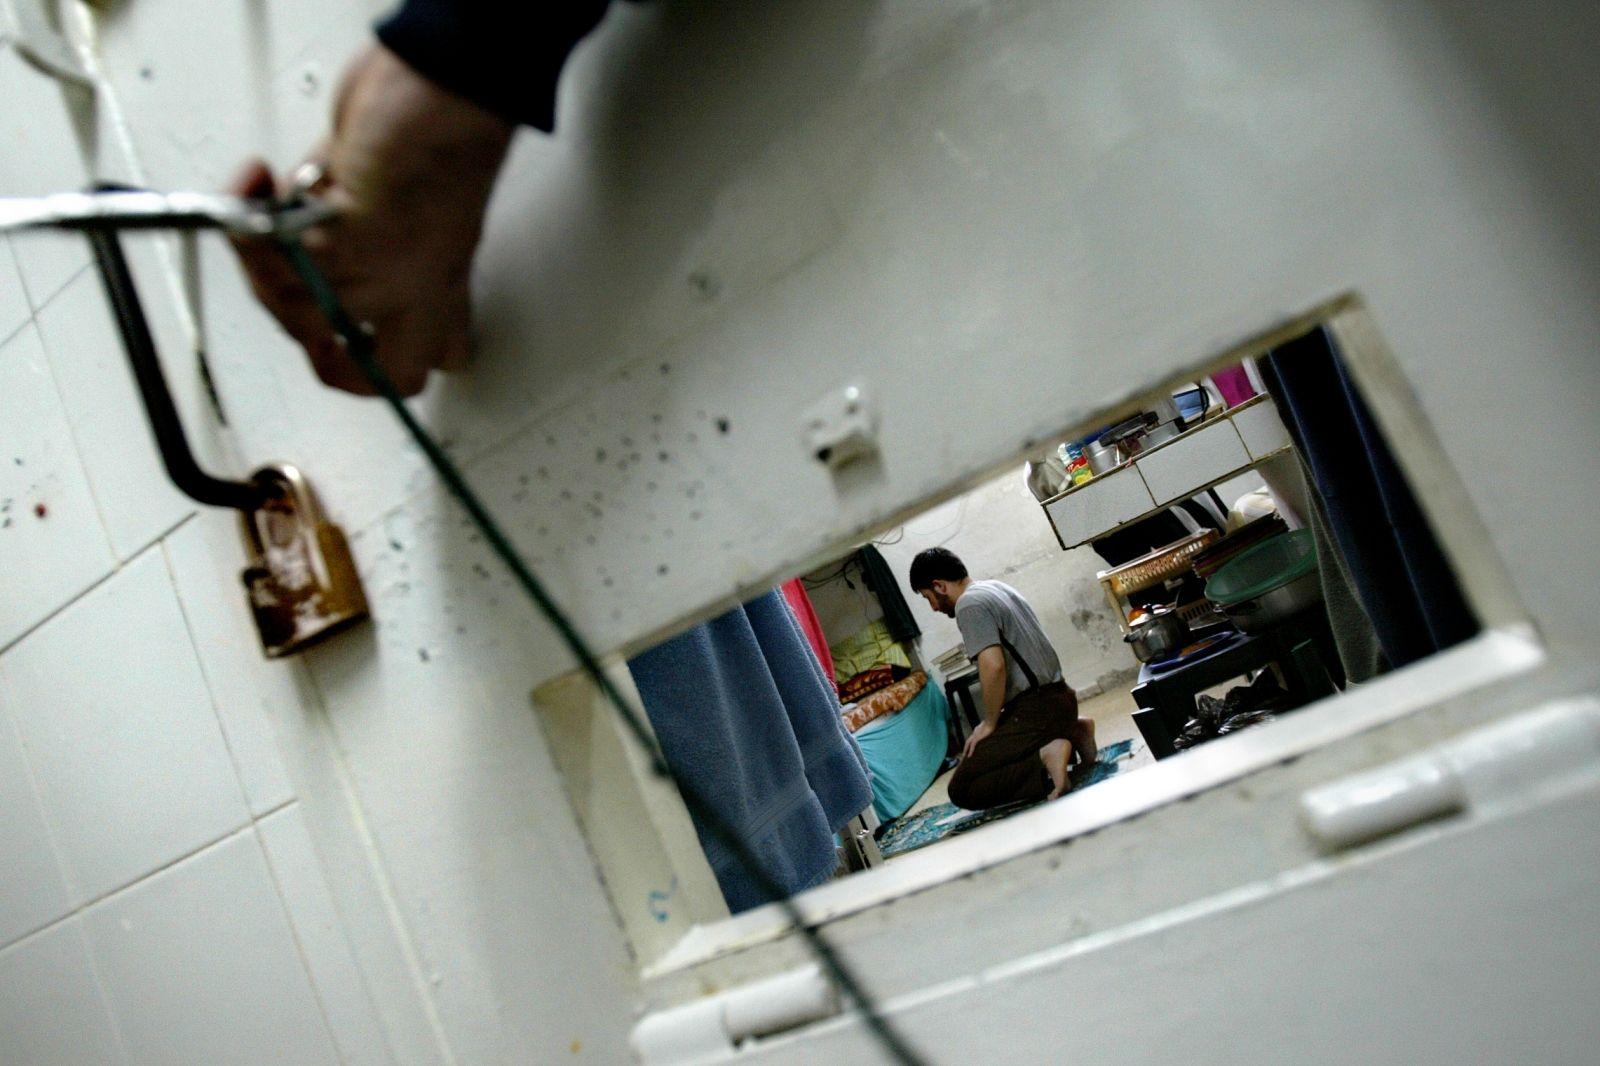 Israeli doctors resist force-feeding prisoners